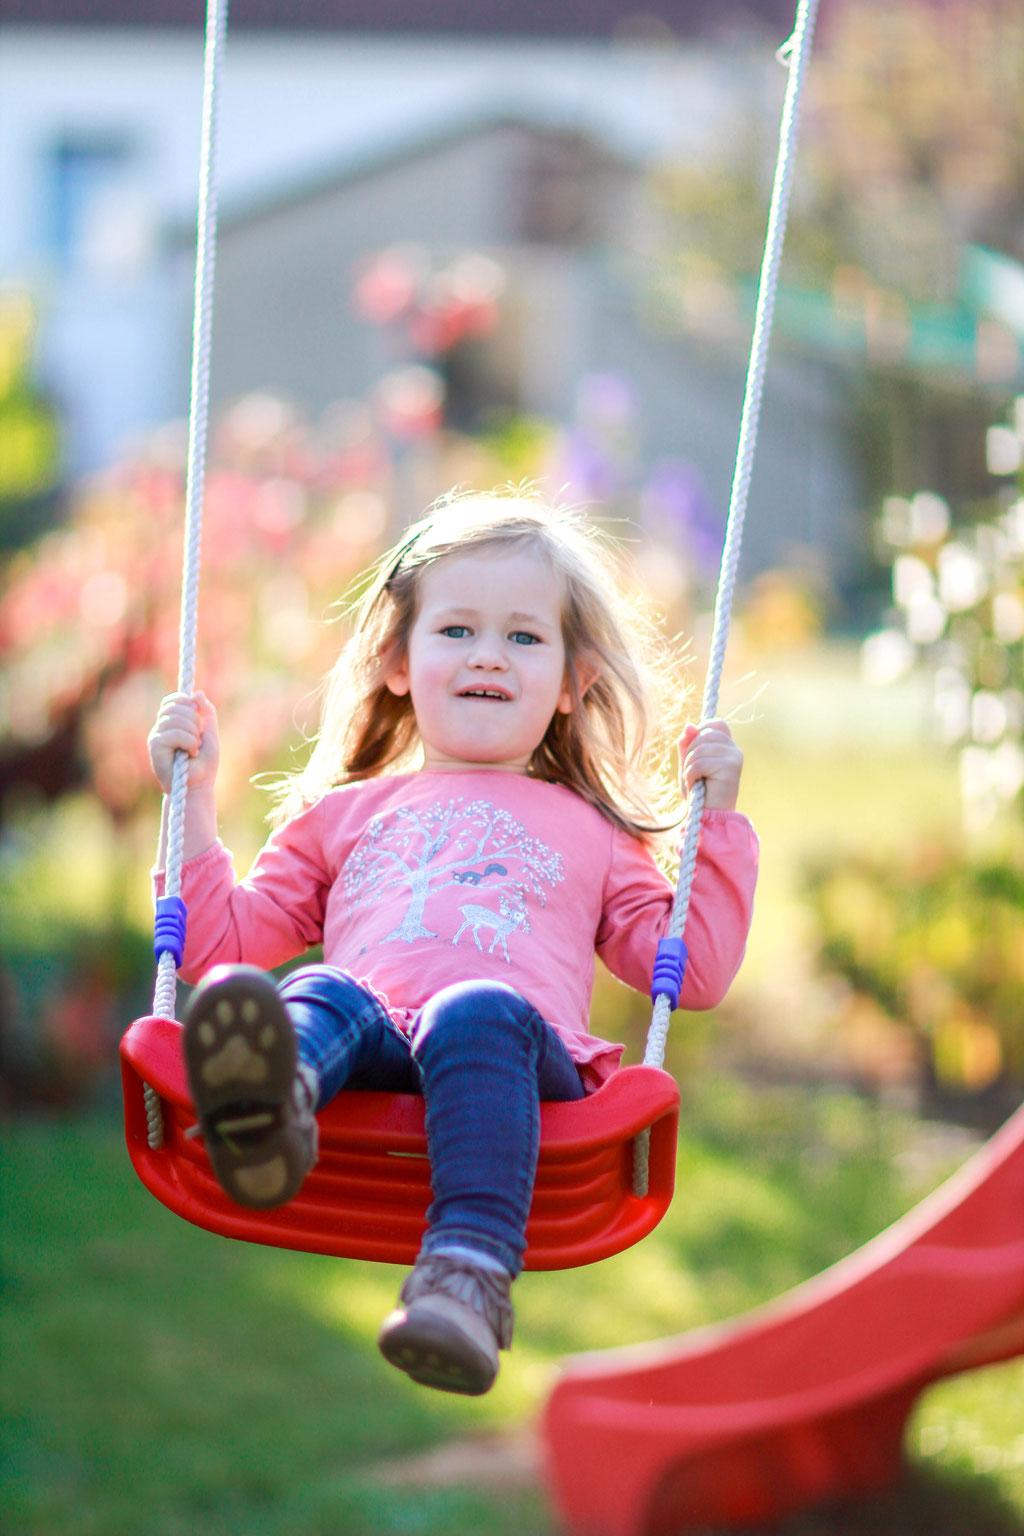 Familien  Hendrikje Richert Fotografie  Home Shooting outdoor, Garten, Schaukel, Kind